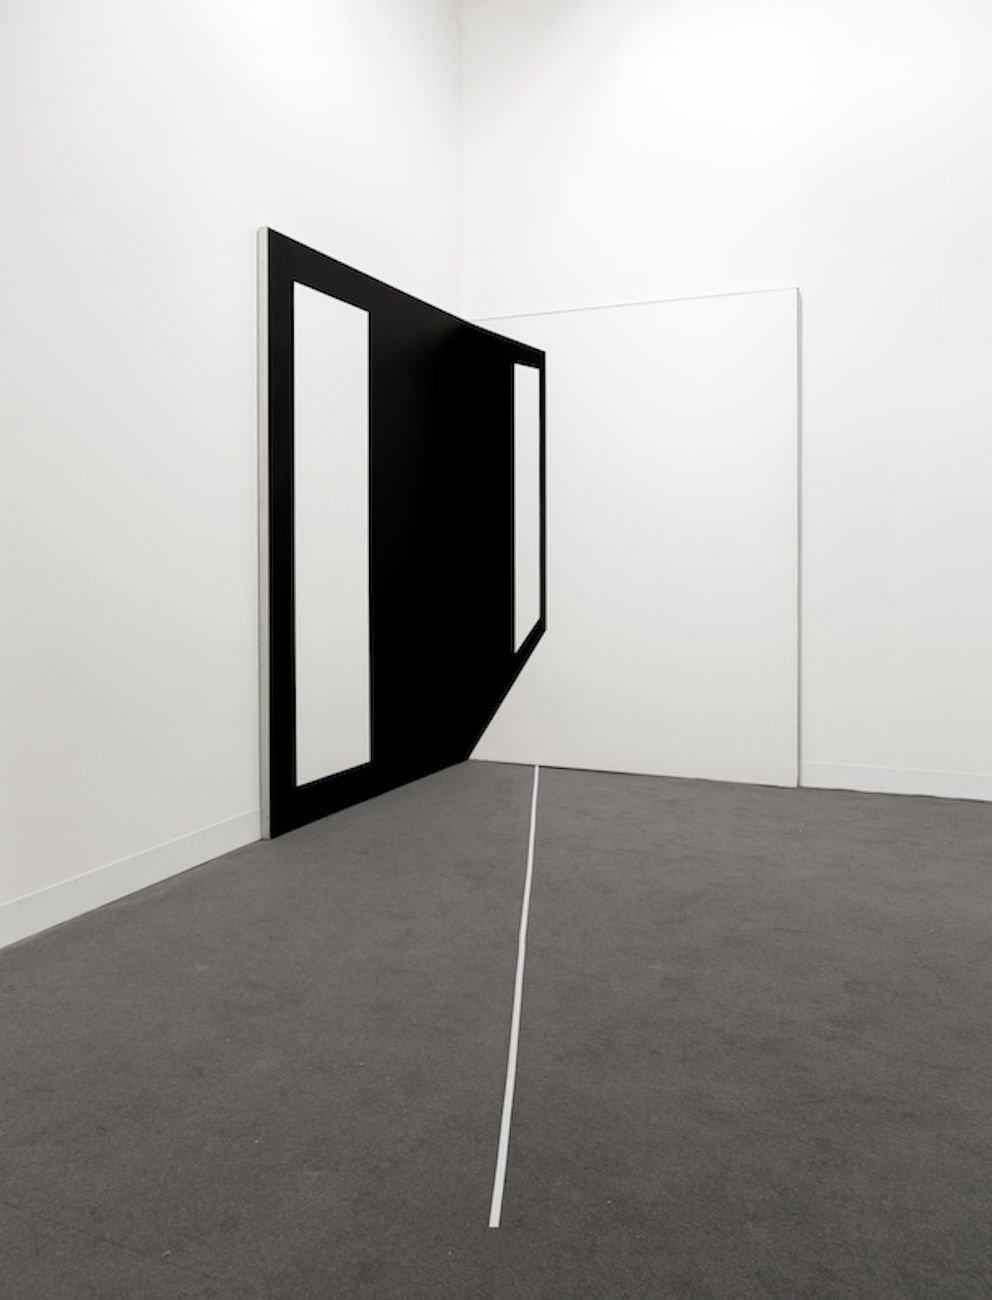 Carlo Alfano, Distanze (Delle distanze dalla rappresentazione), 1969. Photo Renato Ghiazza